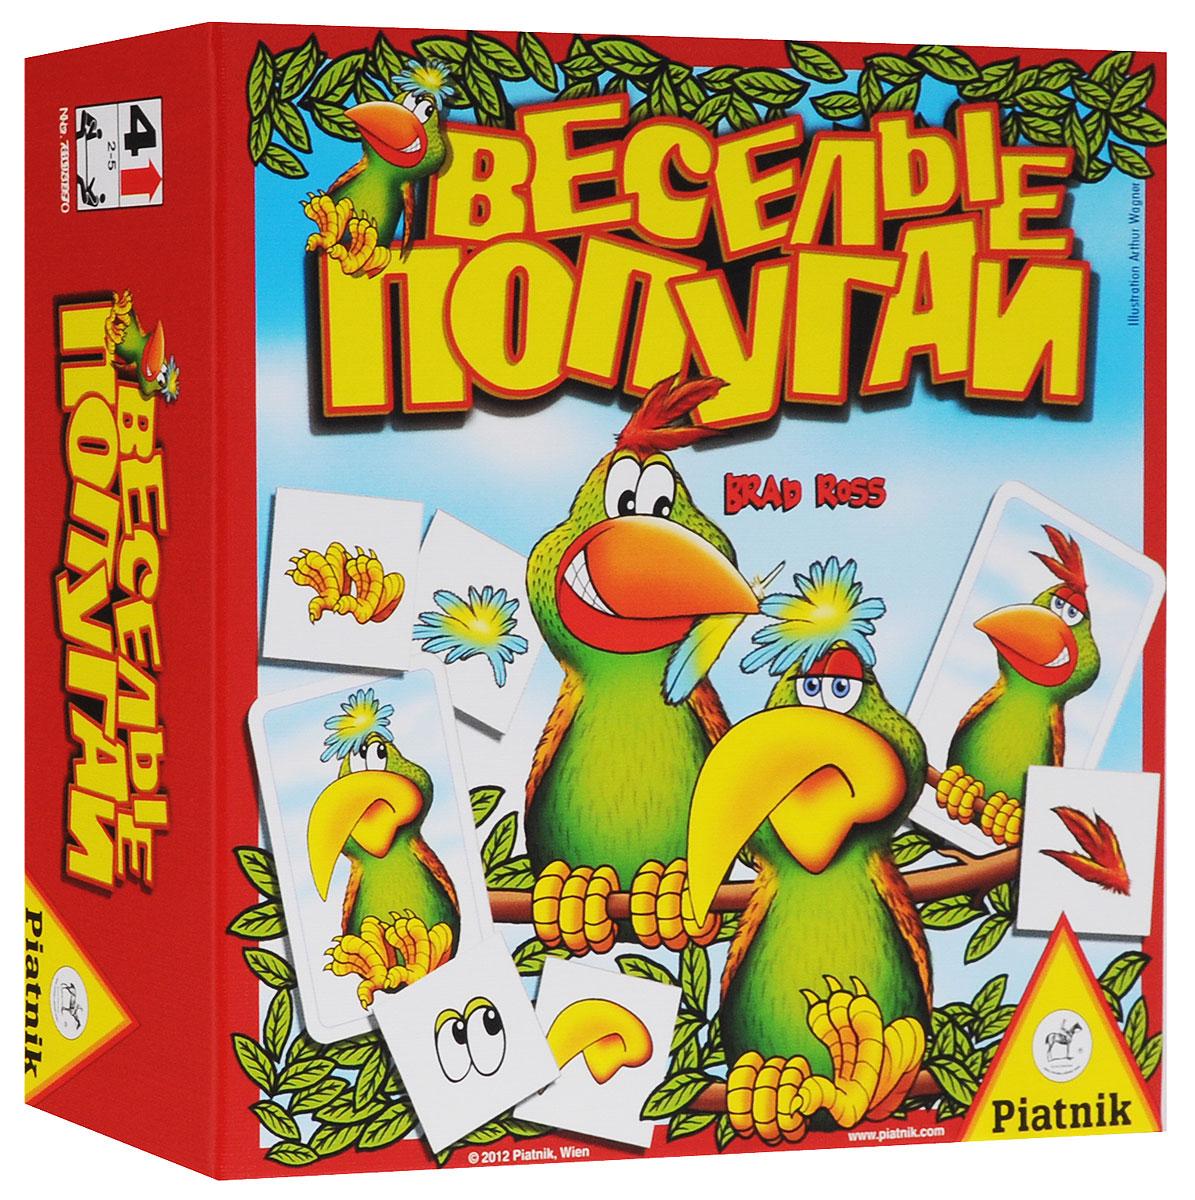 Piatnik Обучающая игра Веселые попугаи789397Игра Веселые попугаи увлечет не только детей, но и их родителей и станет приятным дополнением к семейному празднику. Игра тренирует память и логическое мышление. Игра построена по принципу всеми любимого MEMO, а веселые попугаи делают процесс еще забавнее. У вас есть большие карточки с попугаями и маленькие с деталями того или иного попугая – клюв, хохолок, лапы разного цвета и формы. Все птицы очень похожи, но на самом деле они отличаются. Кто первый откроет 4 верных карточки, победил. Попробуйте ничего не перепутать! В комплект входит: 16 карточек мемо, 16 карт с изображением попугаев.